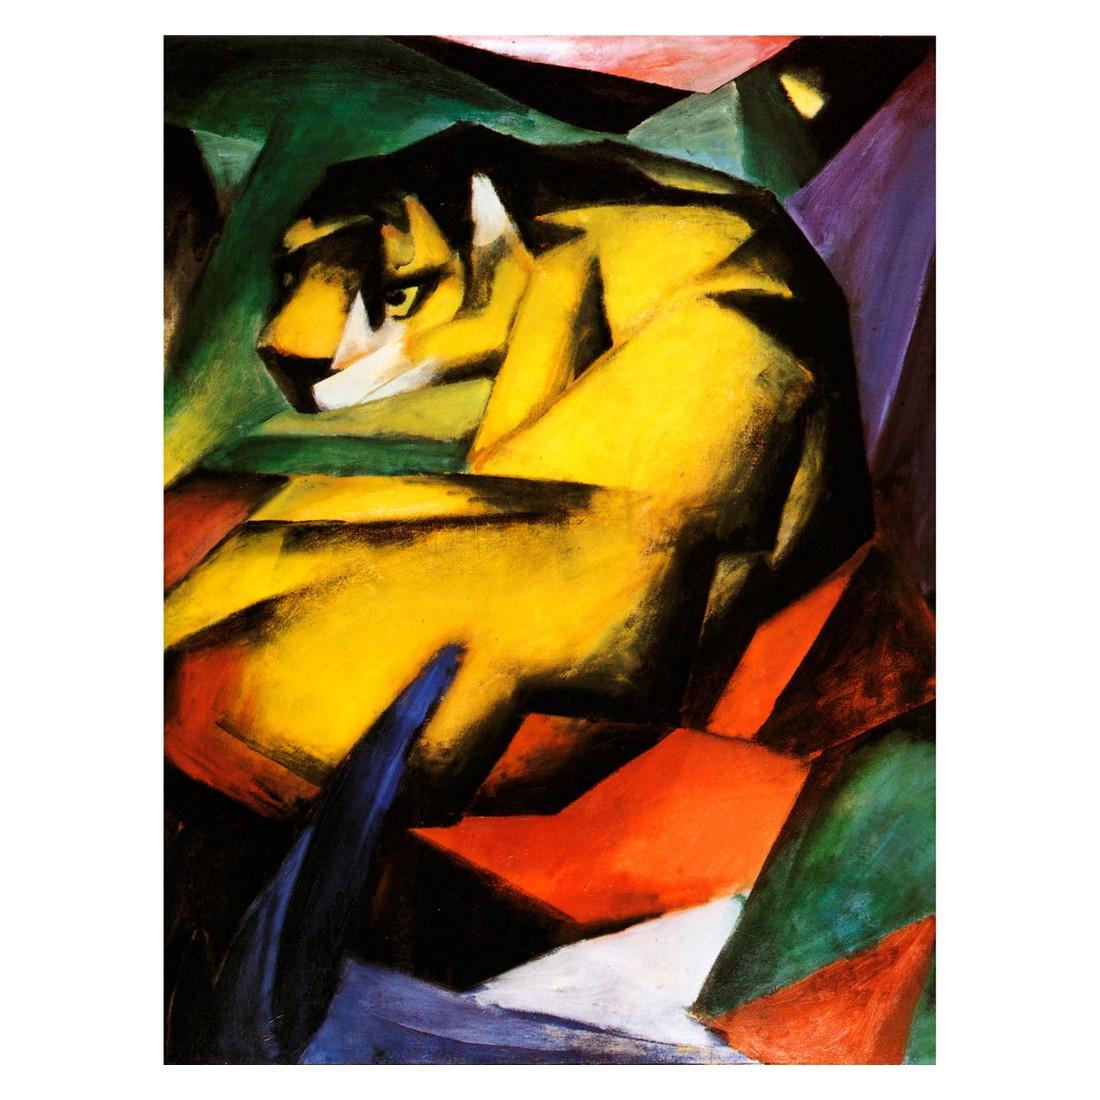 Ölgemälde Der Tiger von Franz Marc – Größe 40 x 30 cm, yourPainting jetzt bestellen